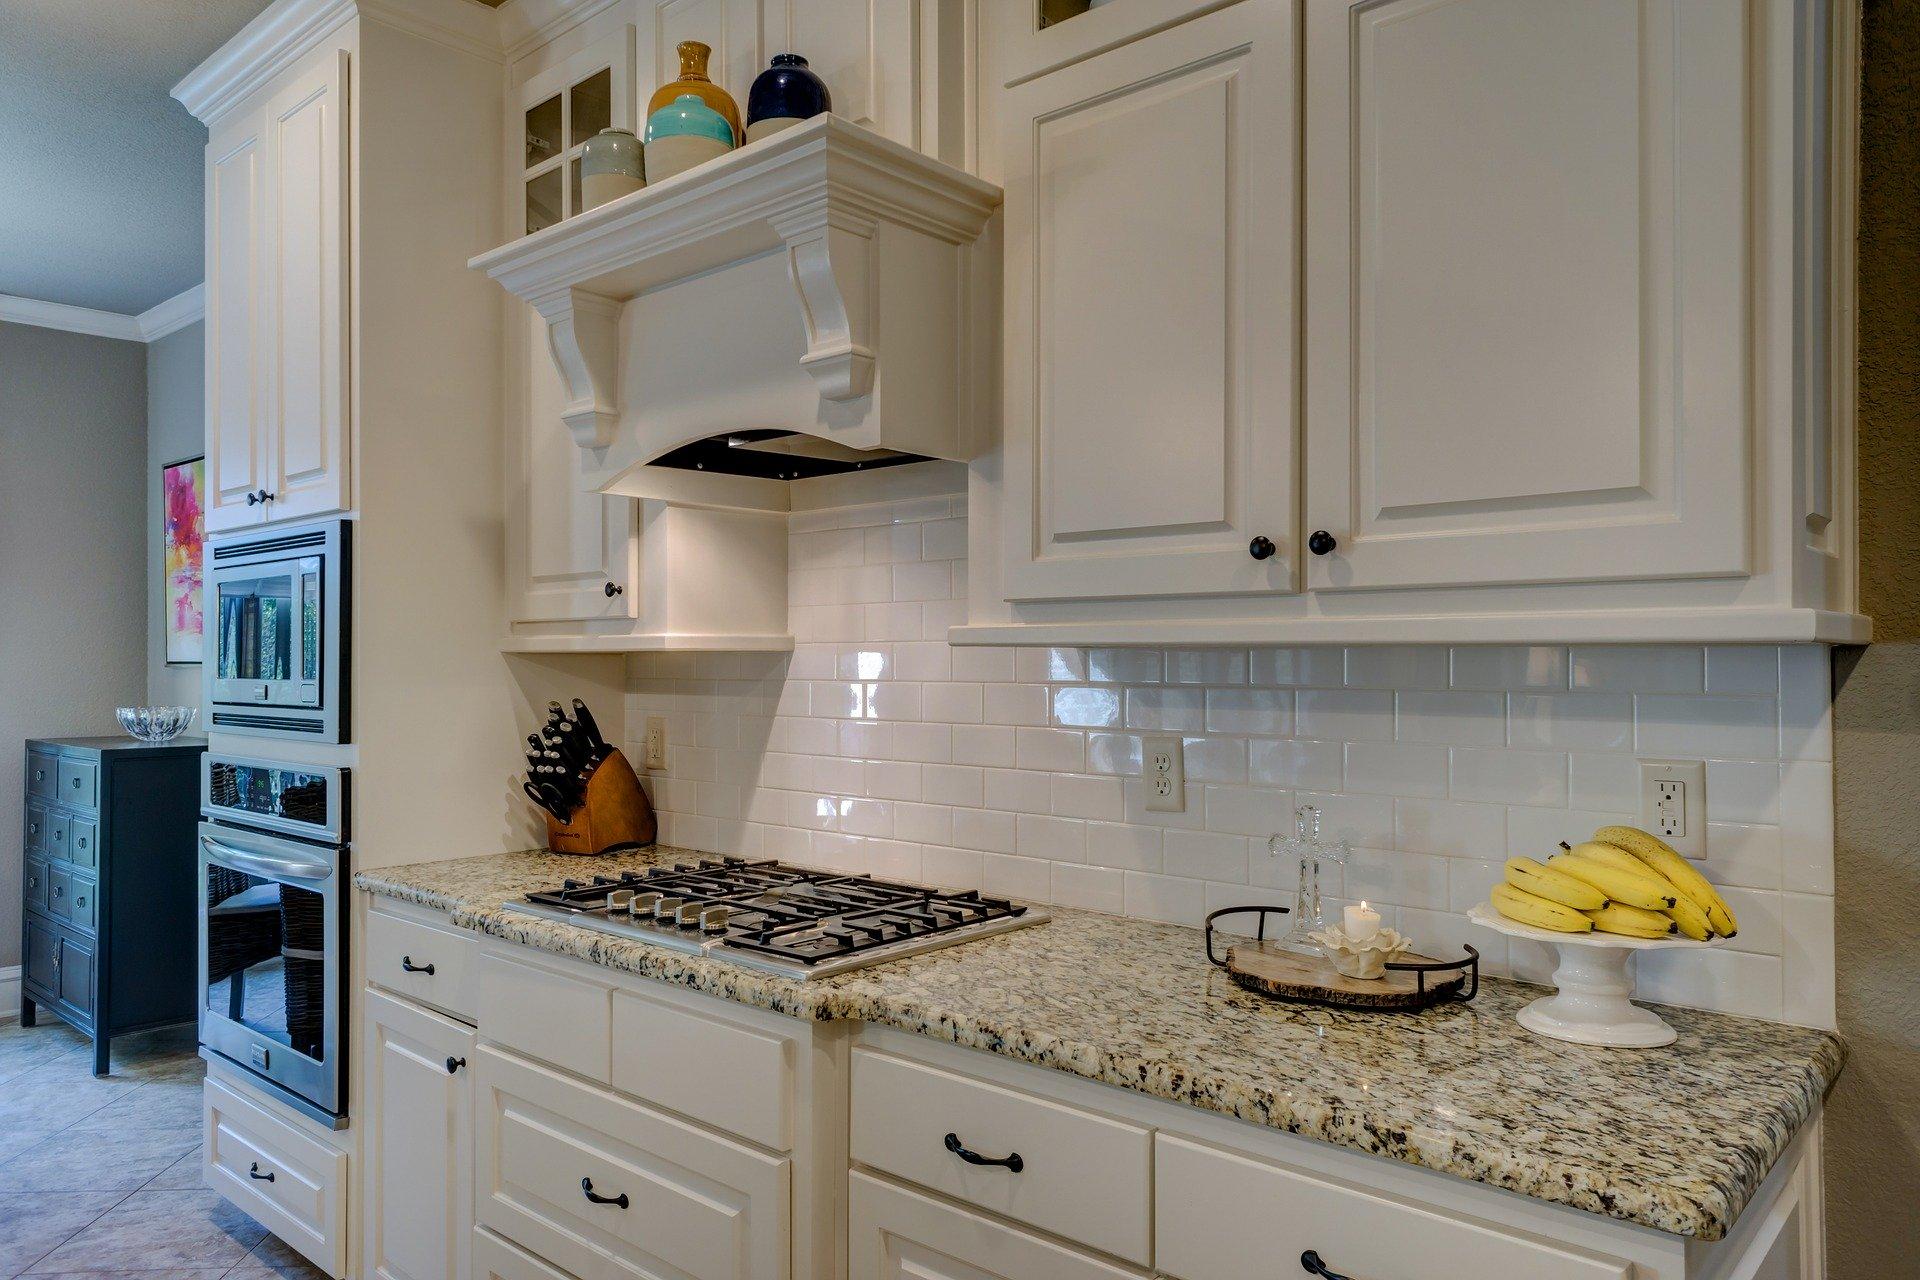 ¿Cuál es la mejor forma de limpiar el horno a fondo?